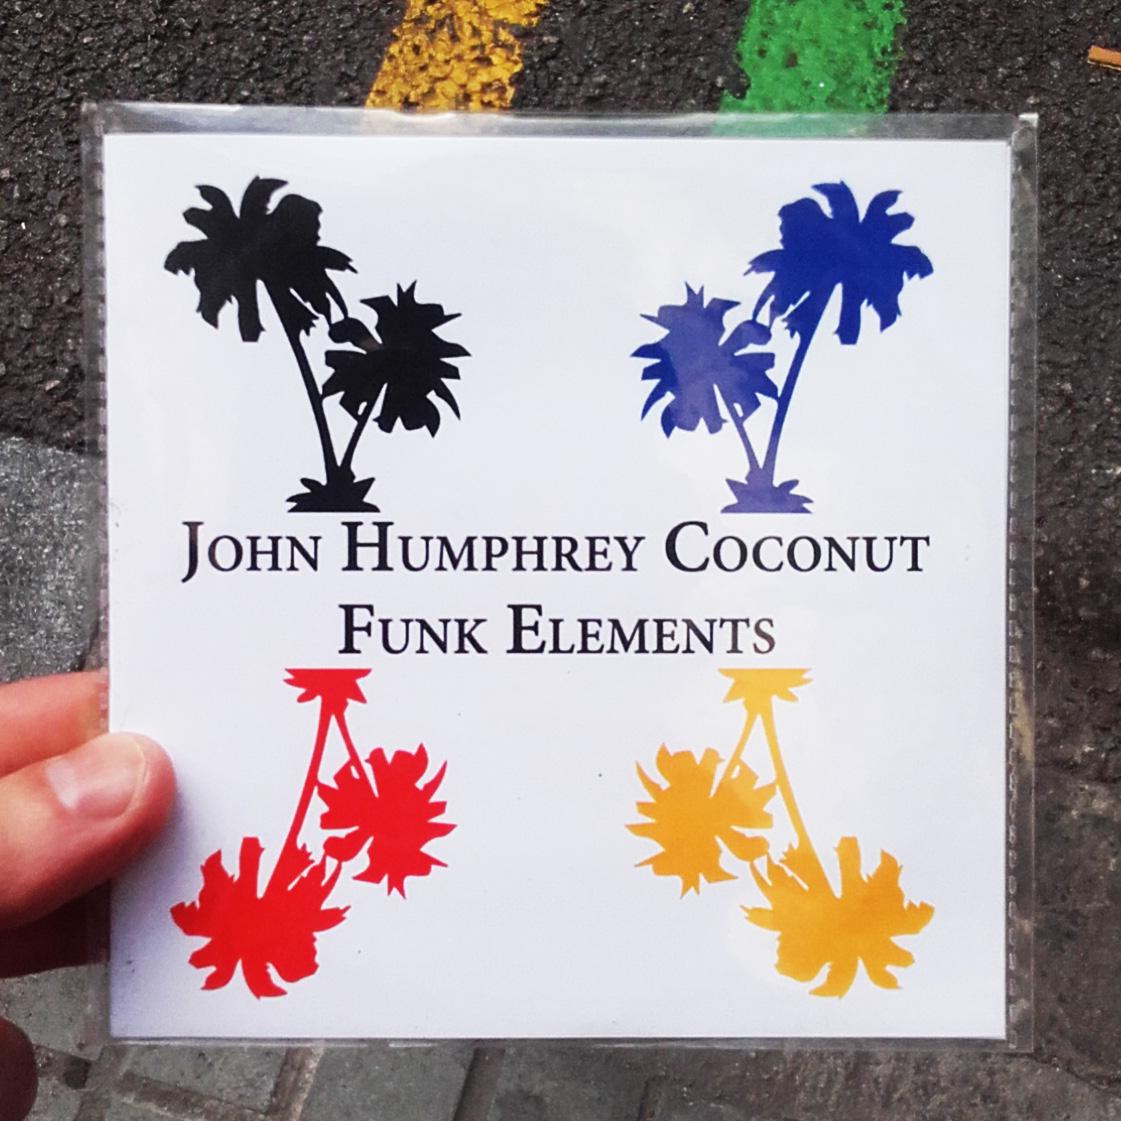 John Humphrey Coconut - Funk Elements